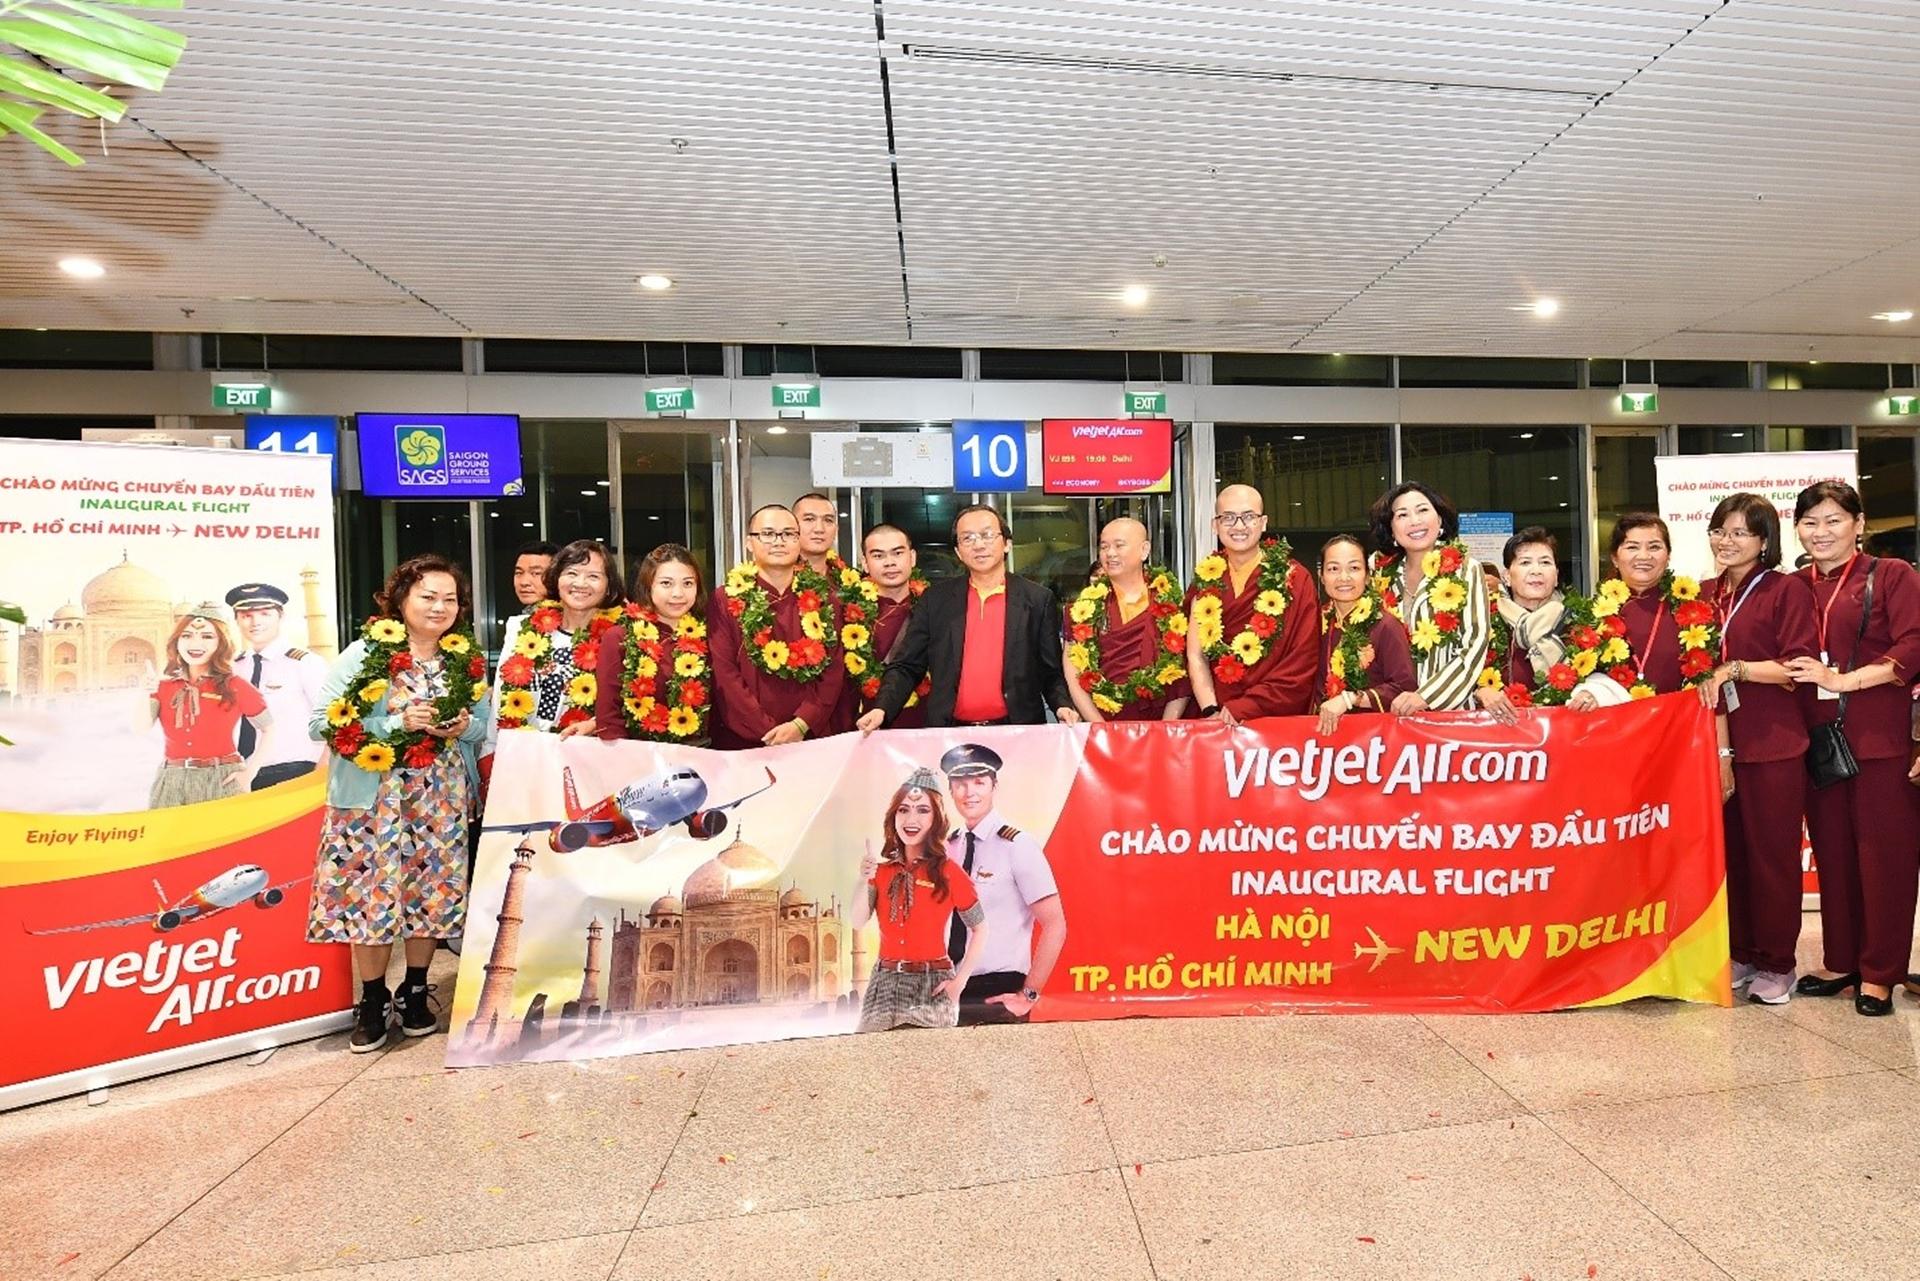 Vietjet operates direct flights from Hanoi, Ho Chi Minh City to New Delhi